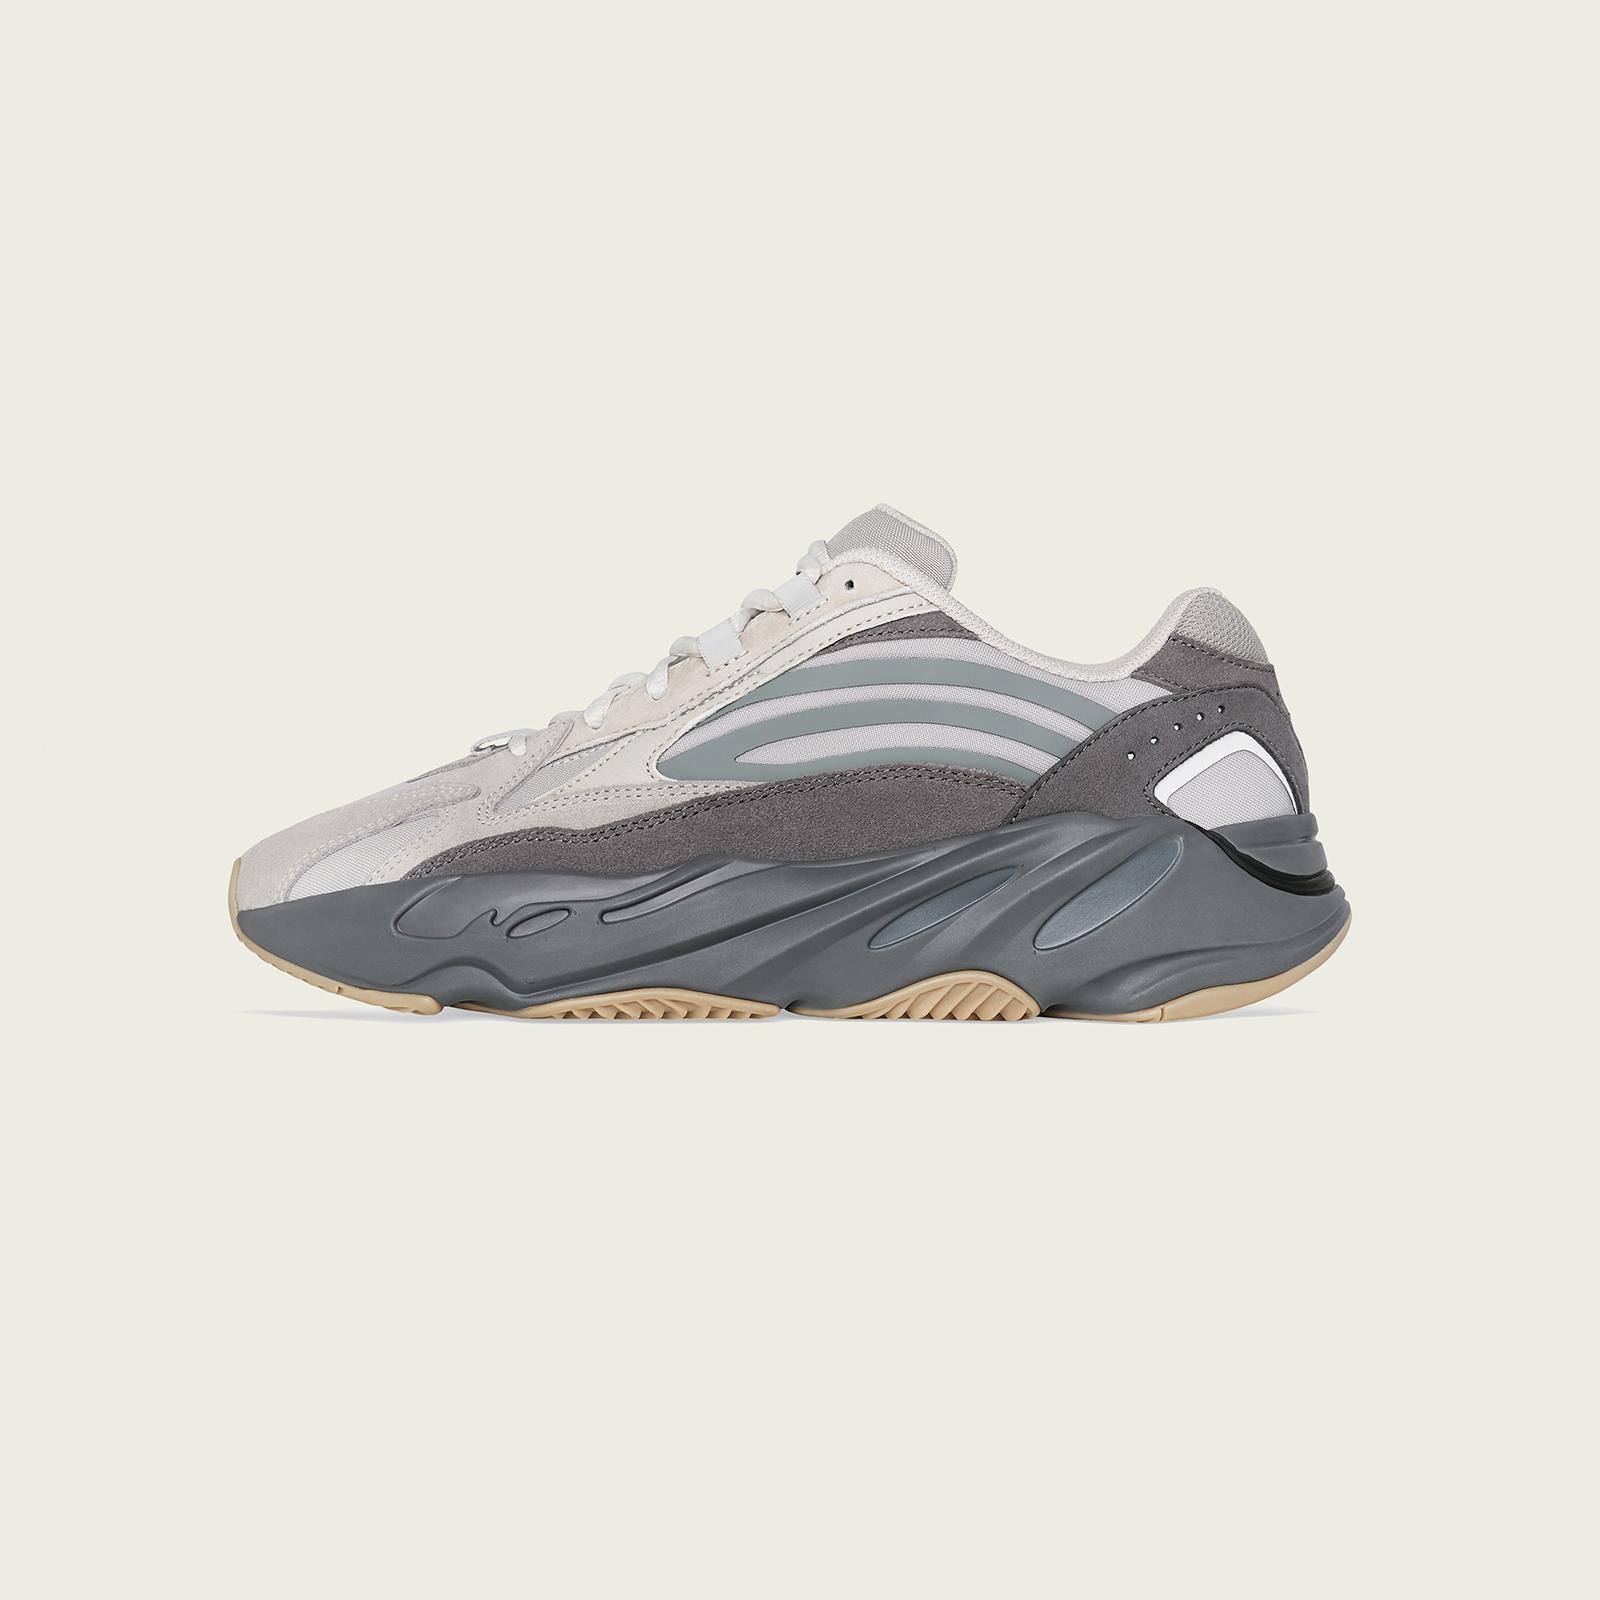 02-adidas-yeezy-boost-700-v2-tephra-fu7914